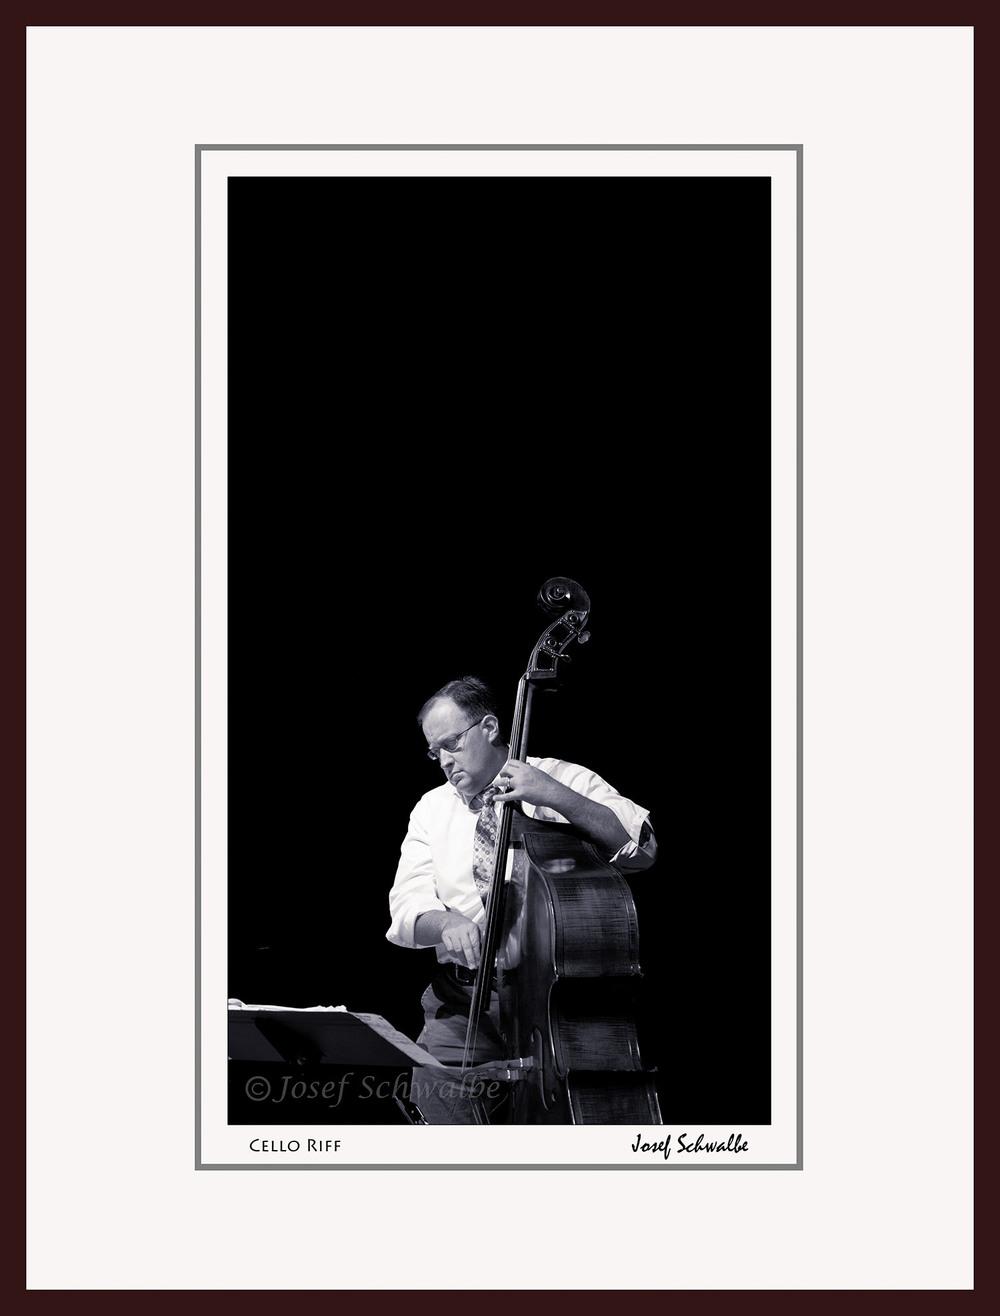 Cello Riff